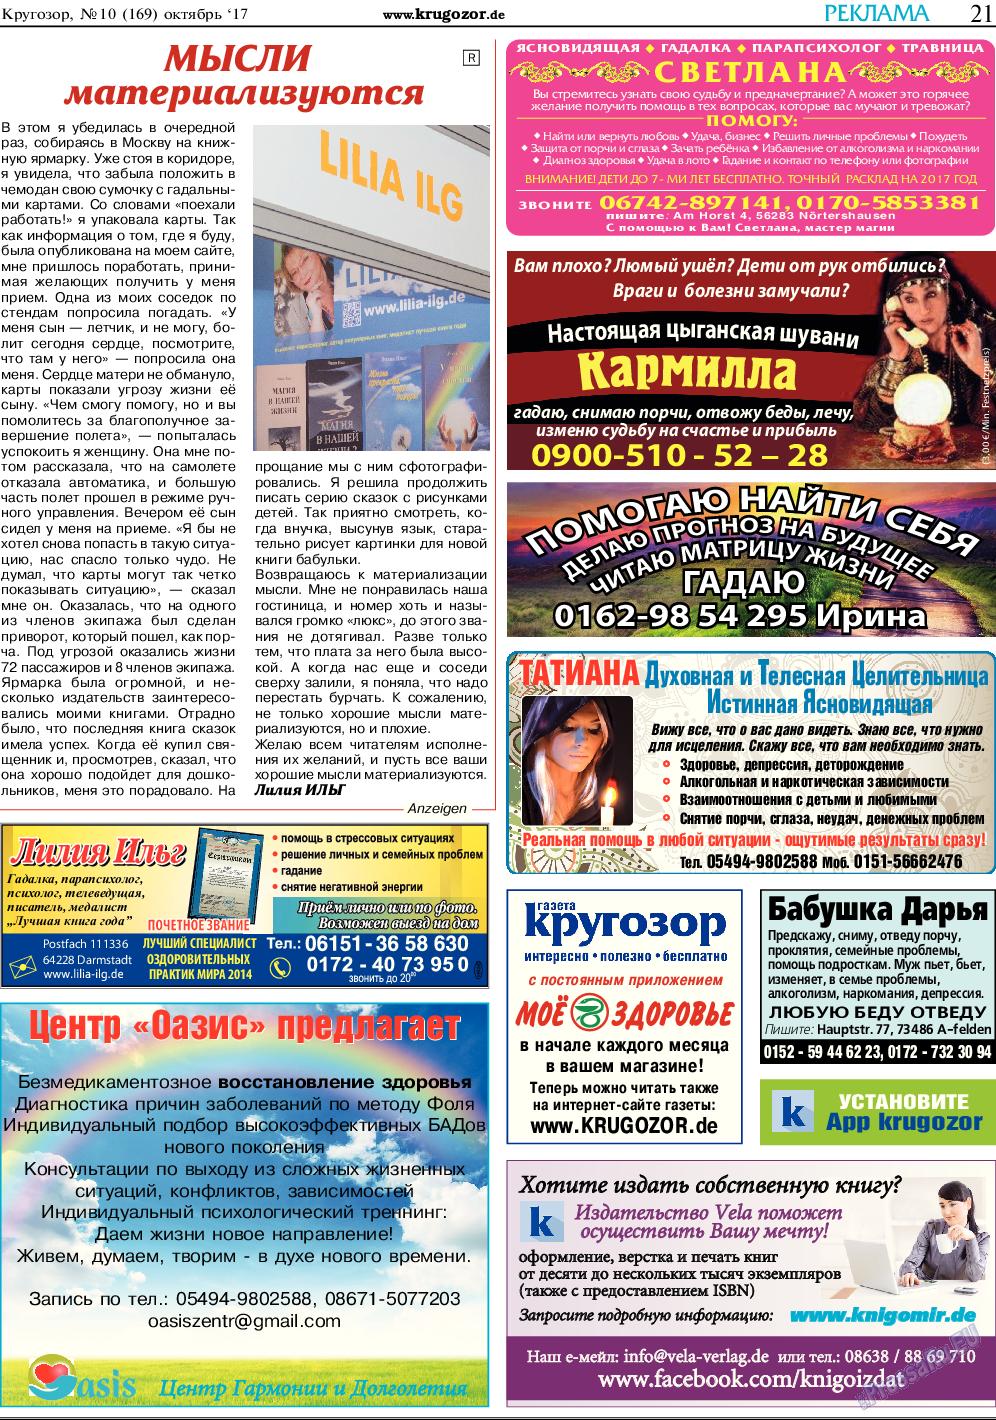 Кругозор (газета). 2017 год, номер 10, стр. 21